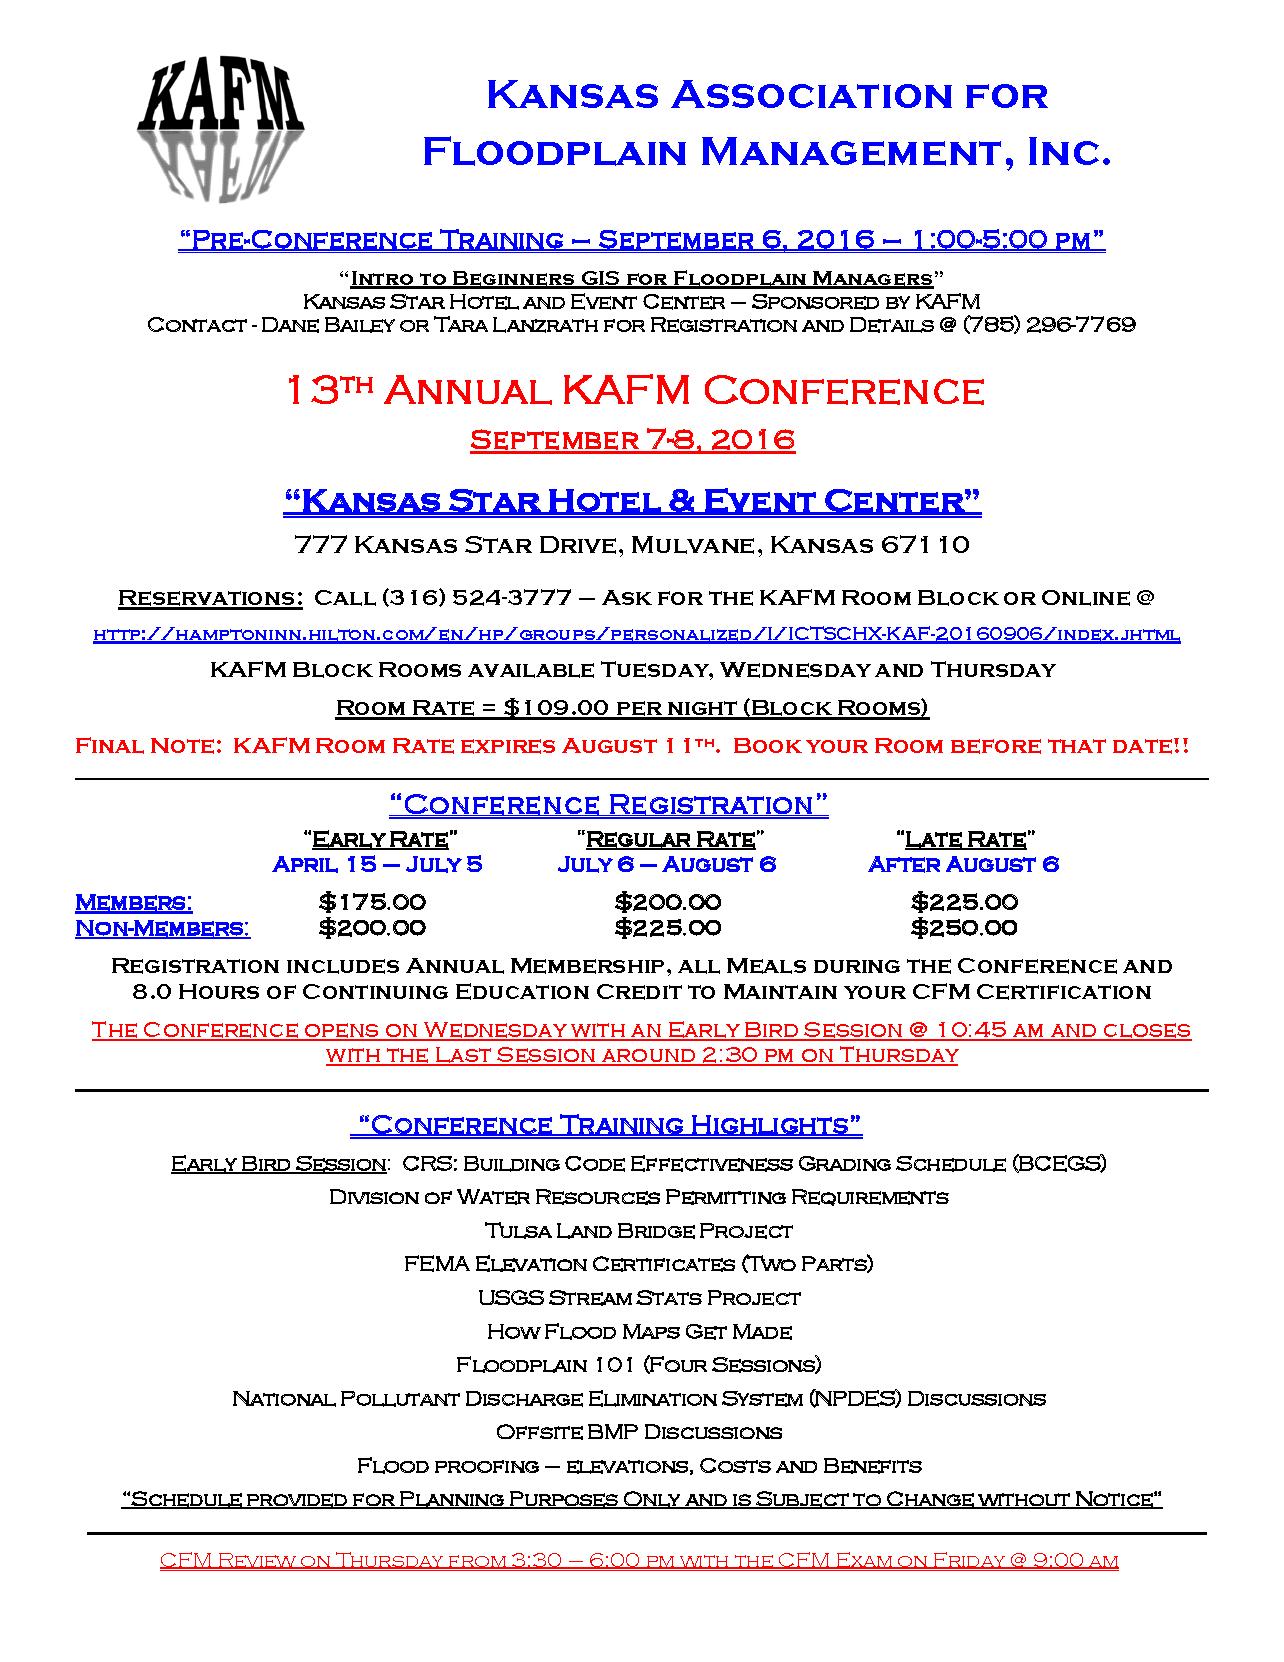 2016 KAFM Conference Flyer amended 4.6.16